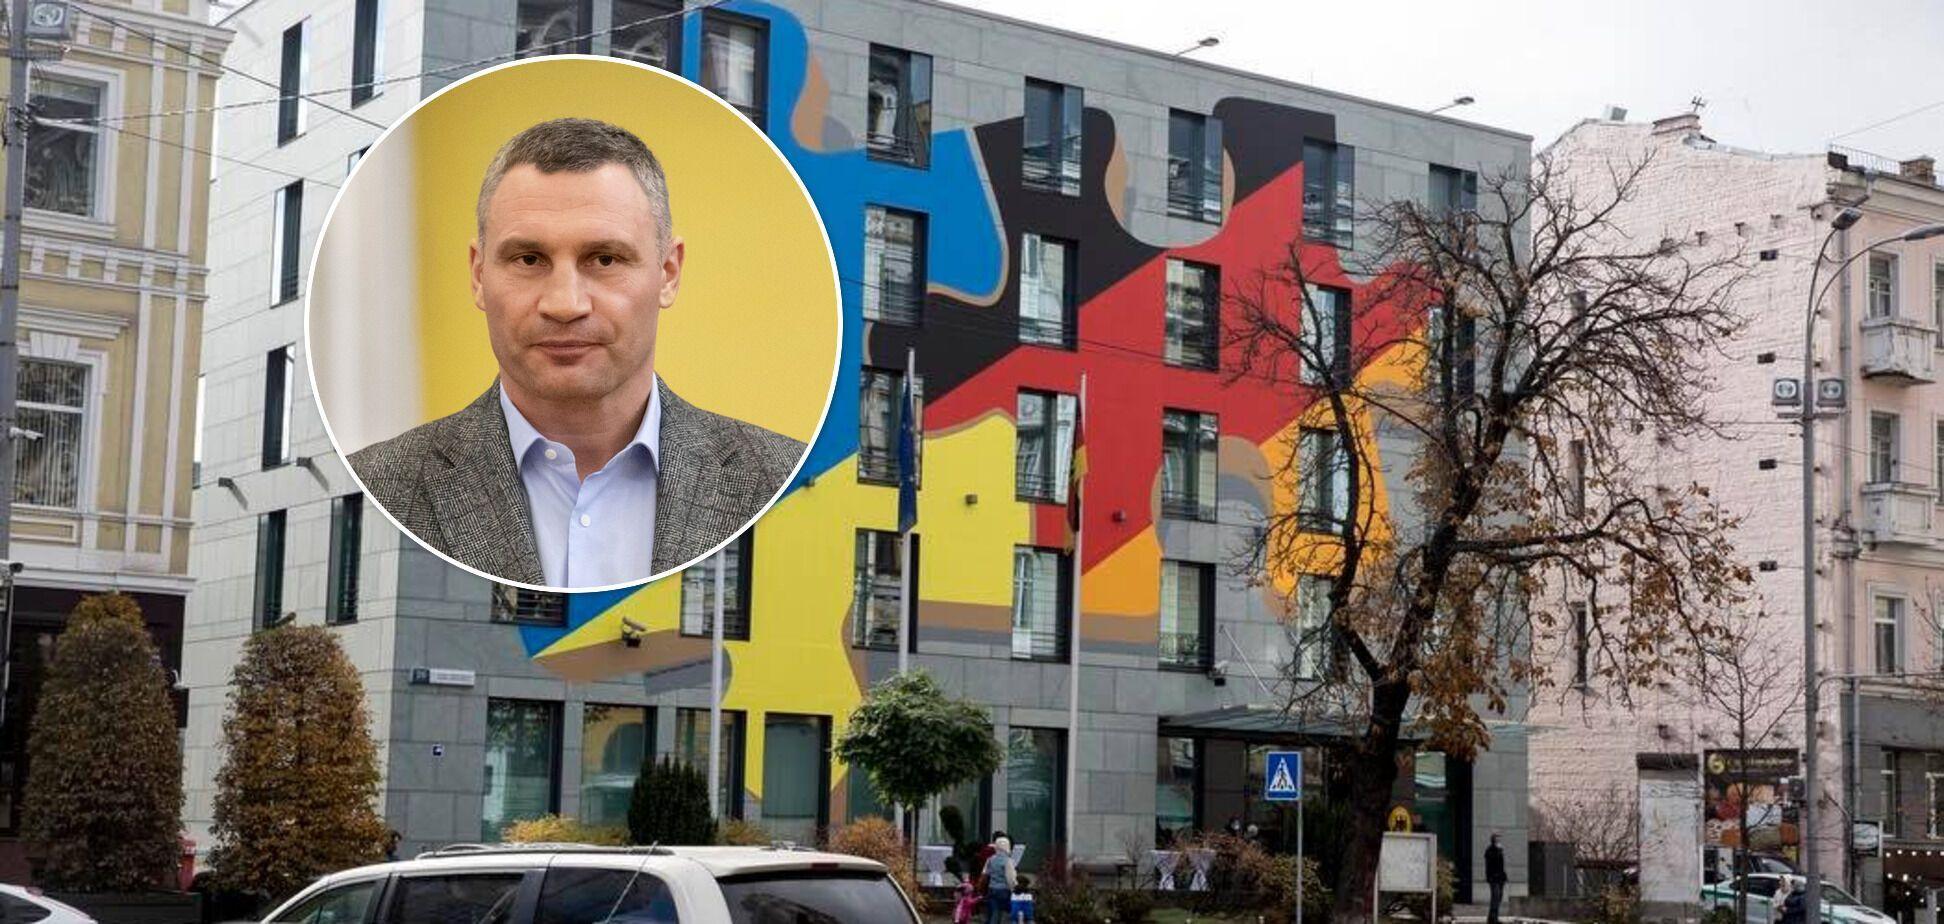 Кличко презентував художню композицію на будівлі Посольства Німеччини в Україні